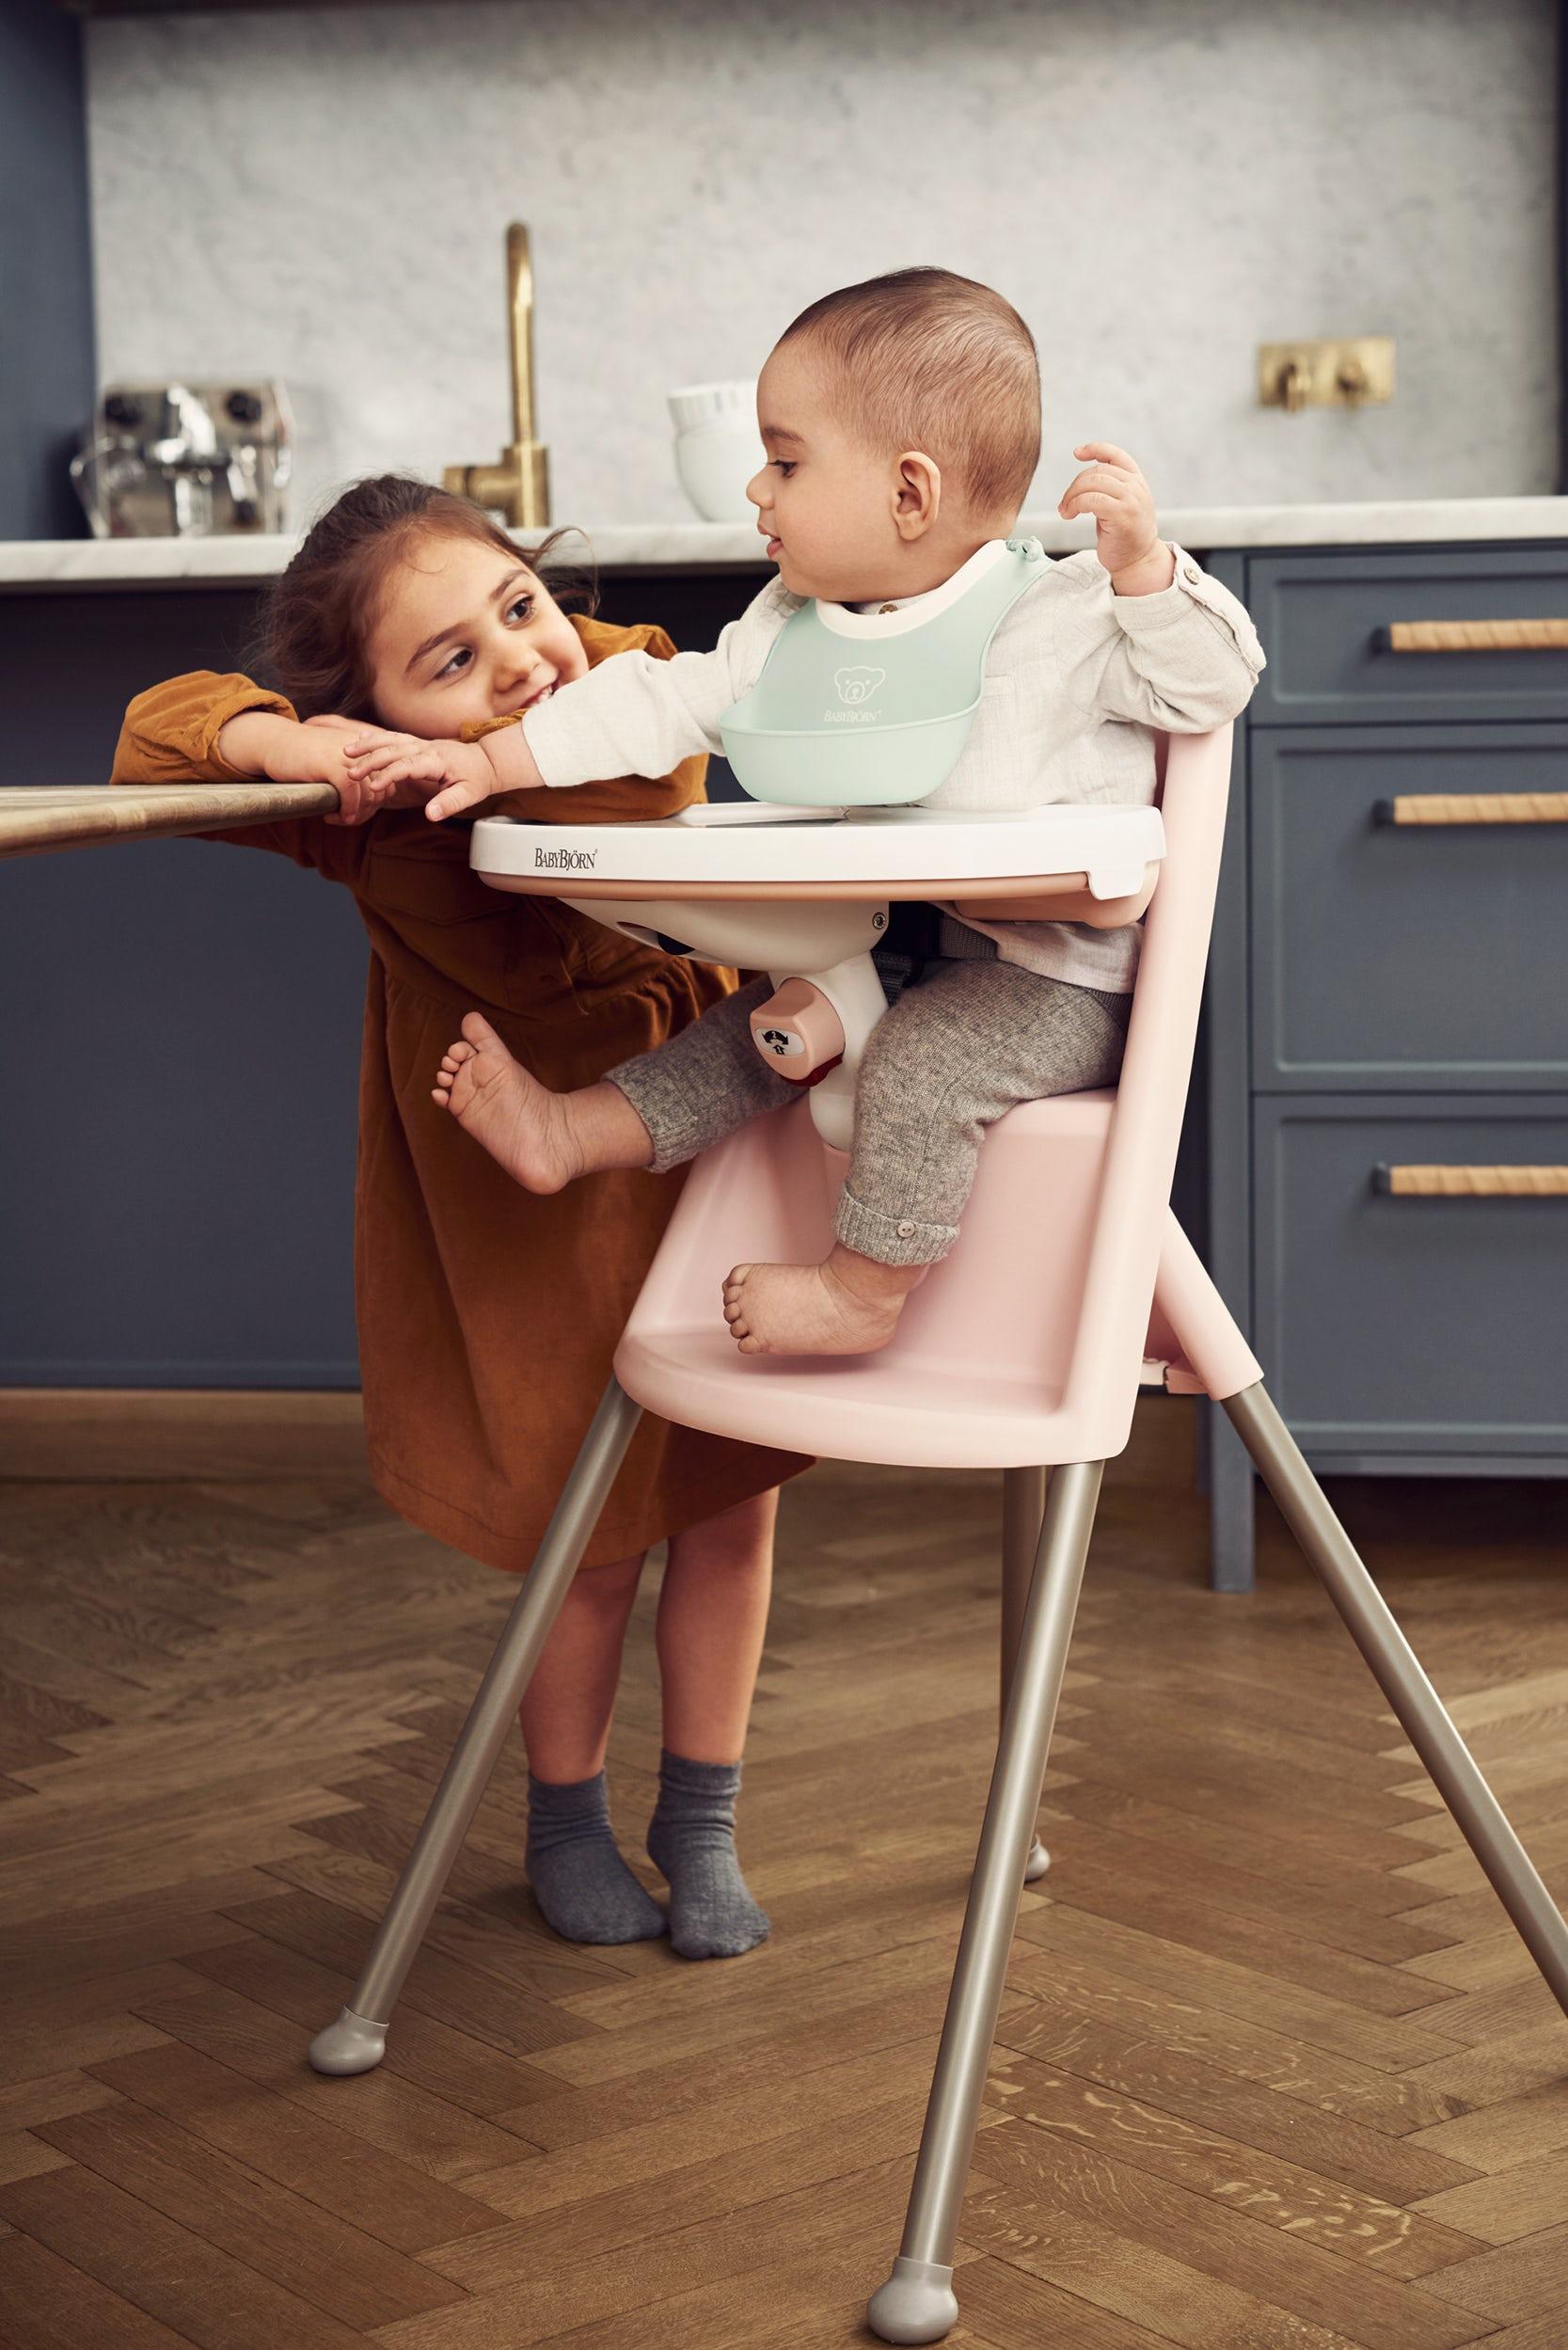 Infant High Chair Safe Smart Design Babybjörn